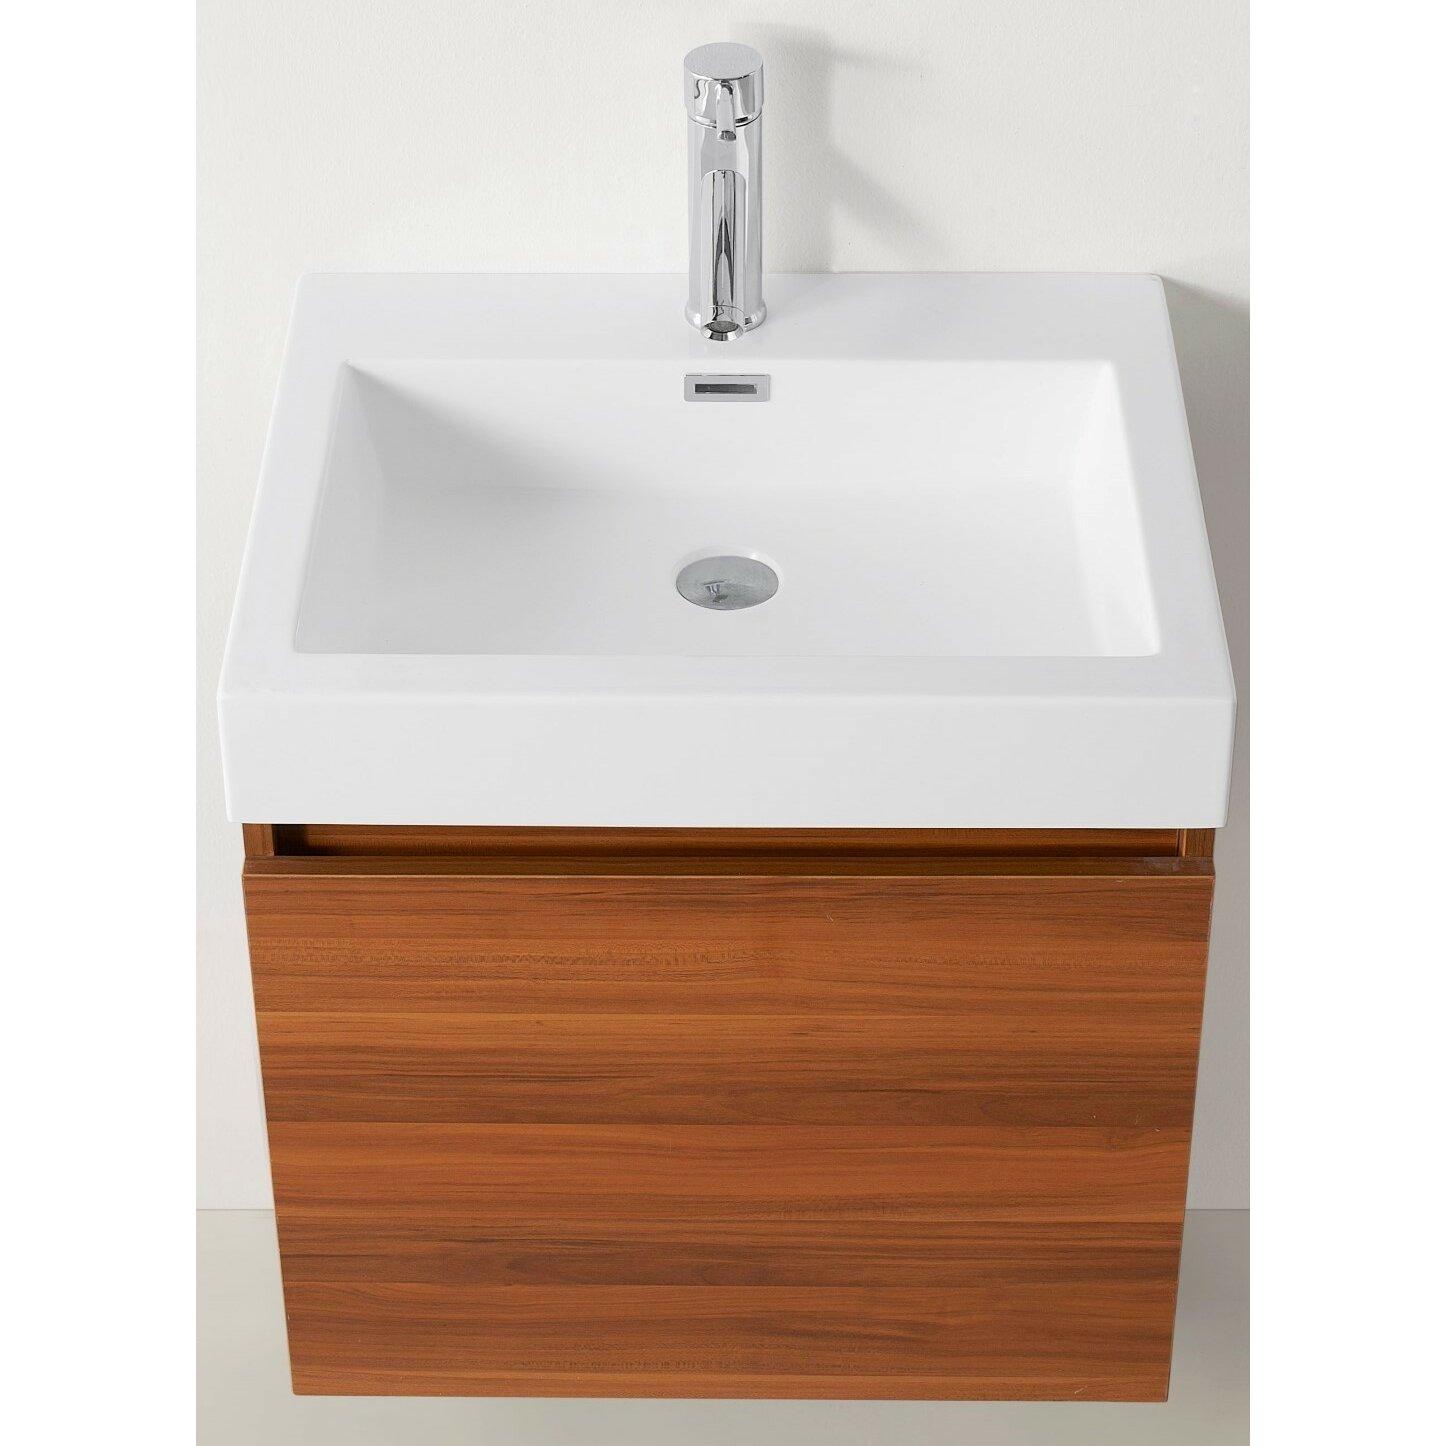 Virtu zuri 24 single bathroom vanity set with white top for 24 white bathroom vanity with top